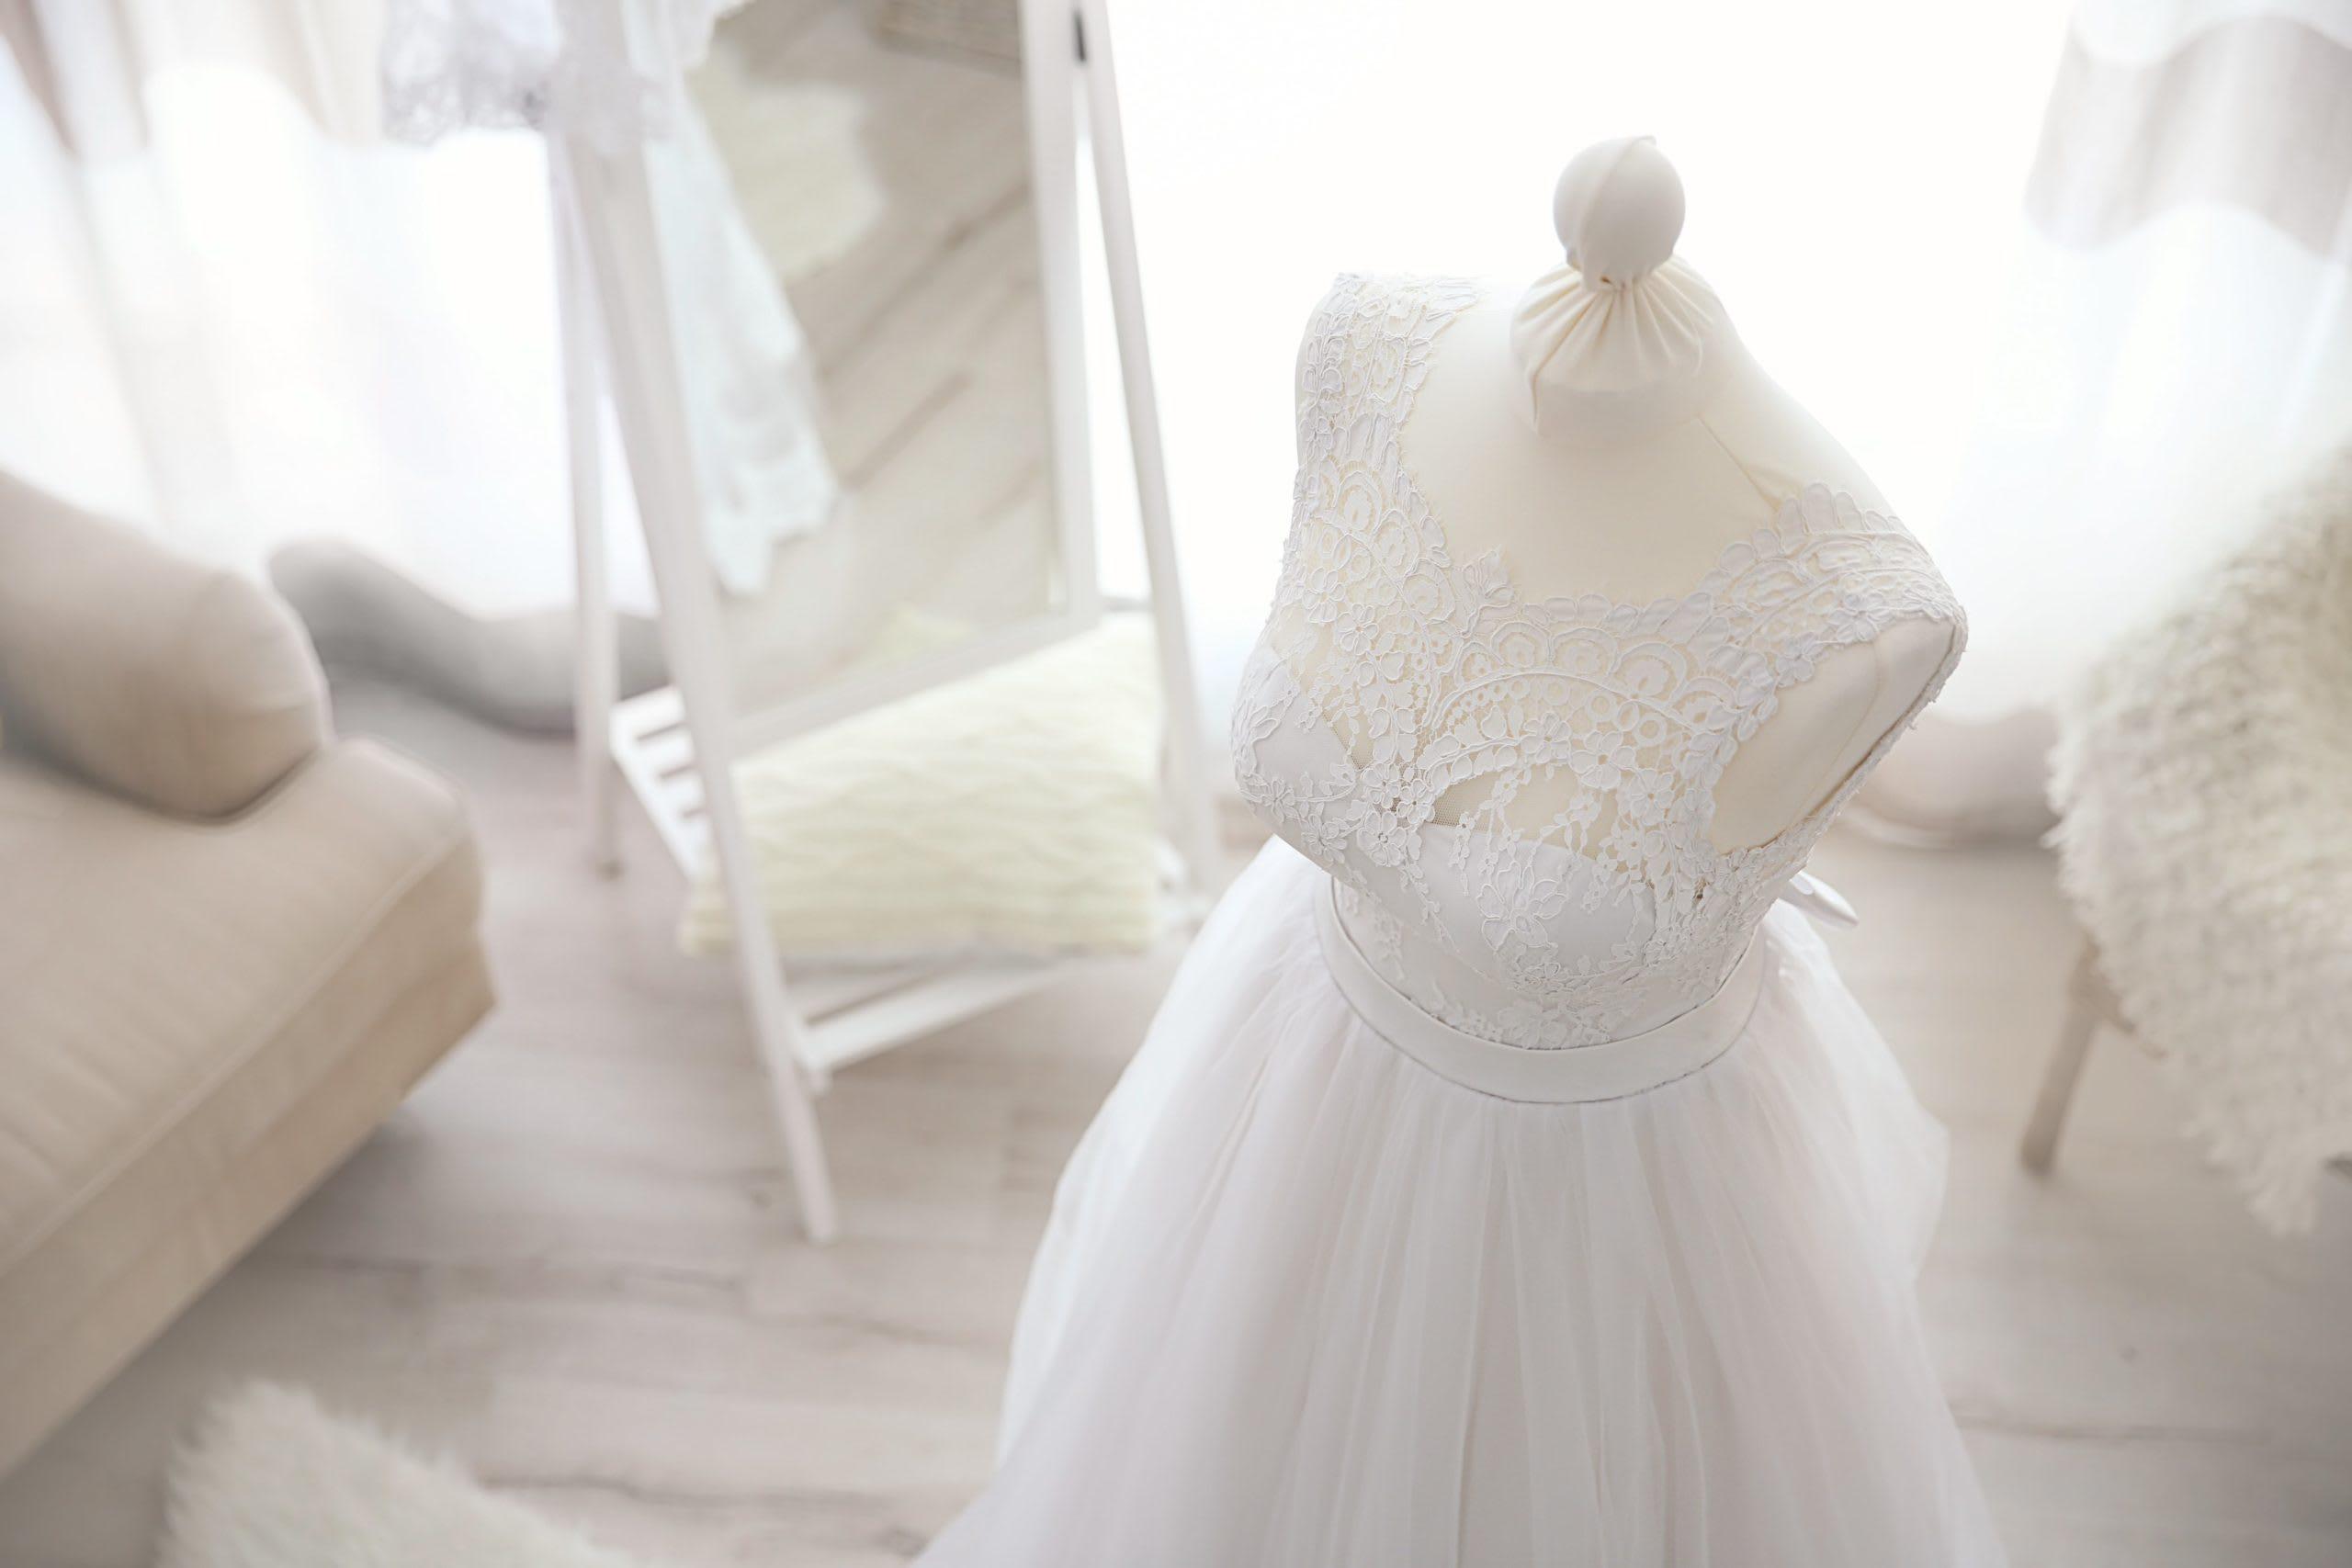 Louez depuis chez vous la robe de vos rêves à partir de 35 euros